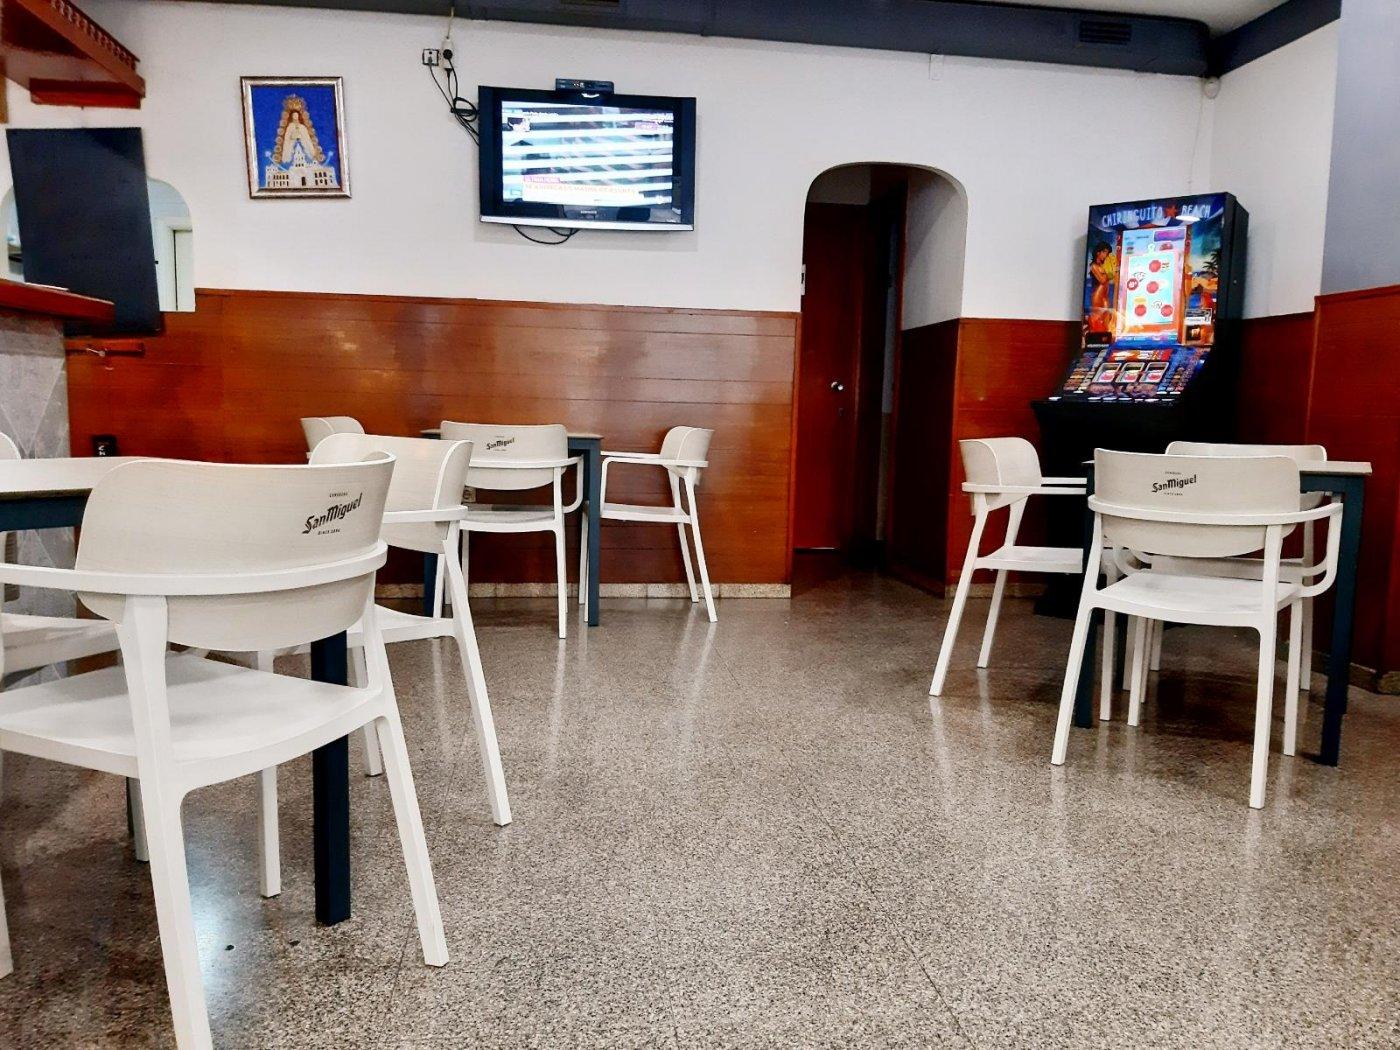 Oportunidad de traspaso de bar en excelente ubicación. centro de palma - imagenInmueble5